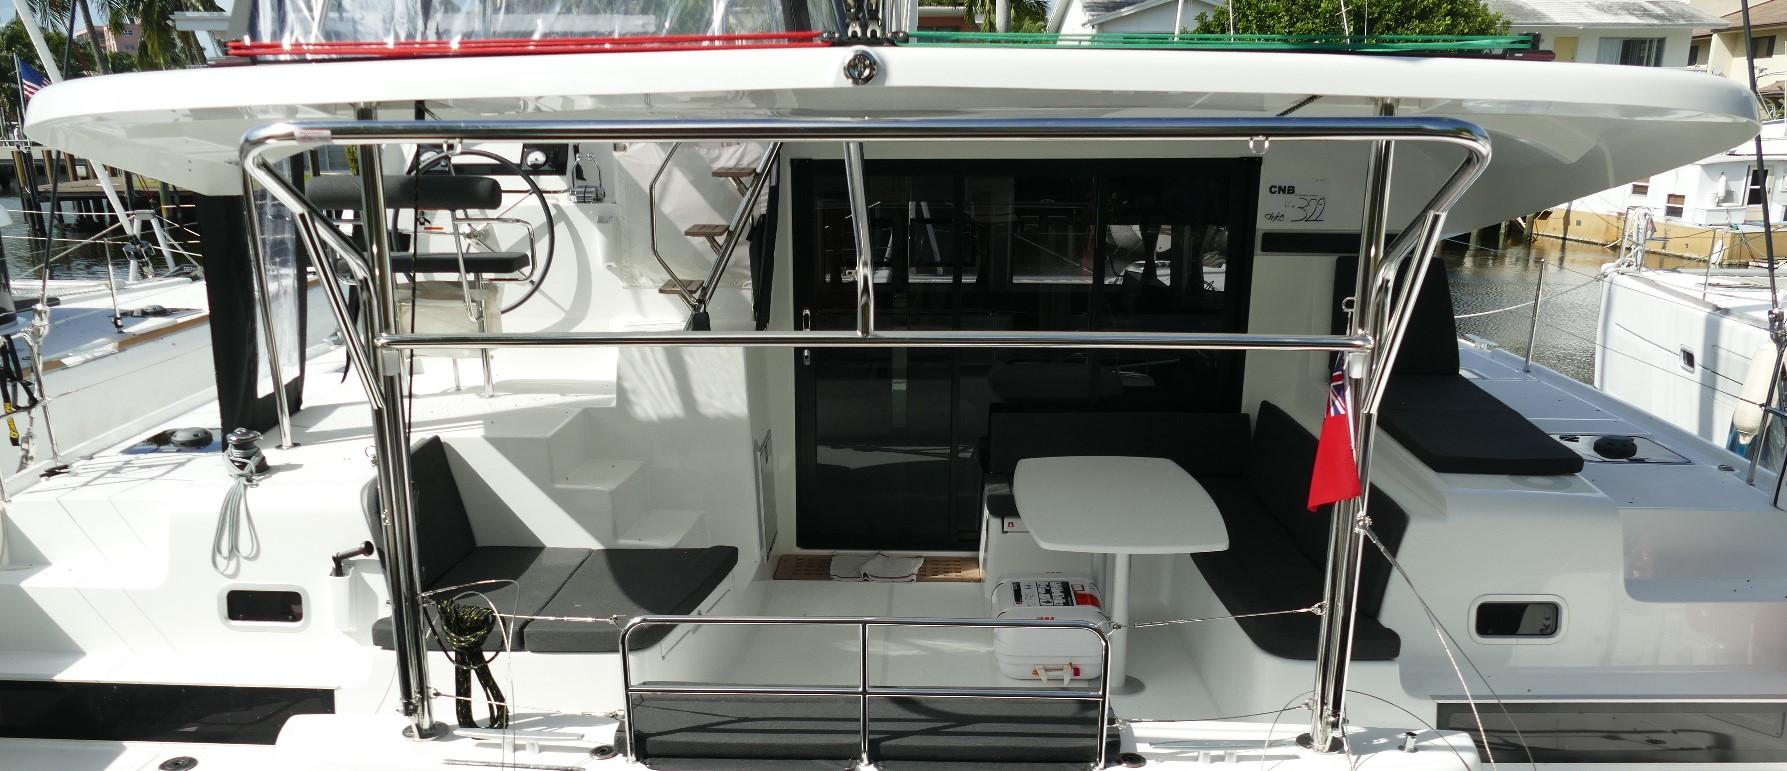 New Sail Catamarans for Sale 2019 Lagoon 42 Deck & Equipment